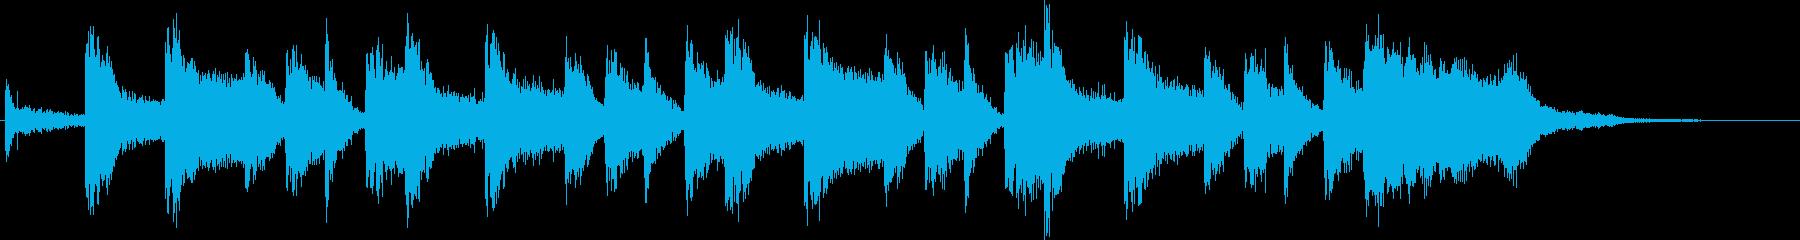 ジングル サウンドキャッチ 60年代風の再生済みの波形